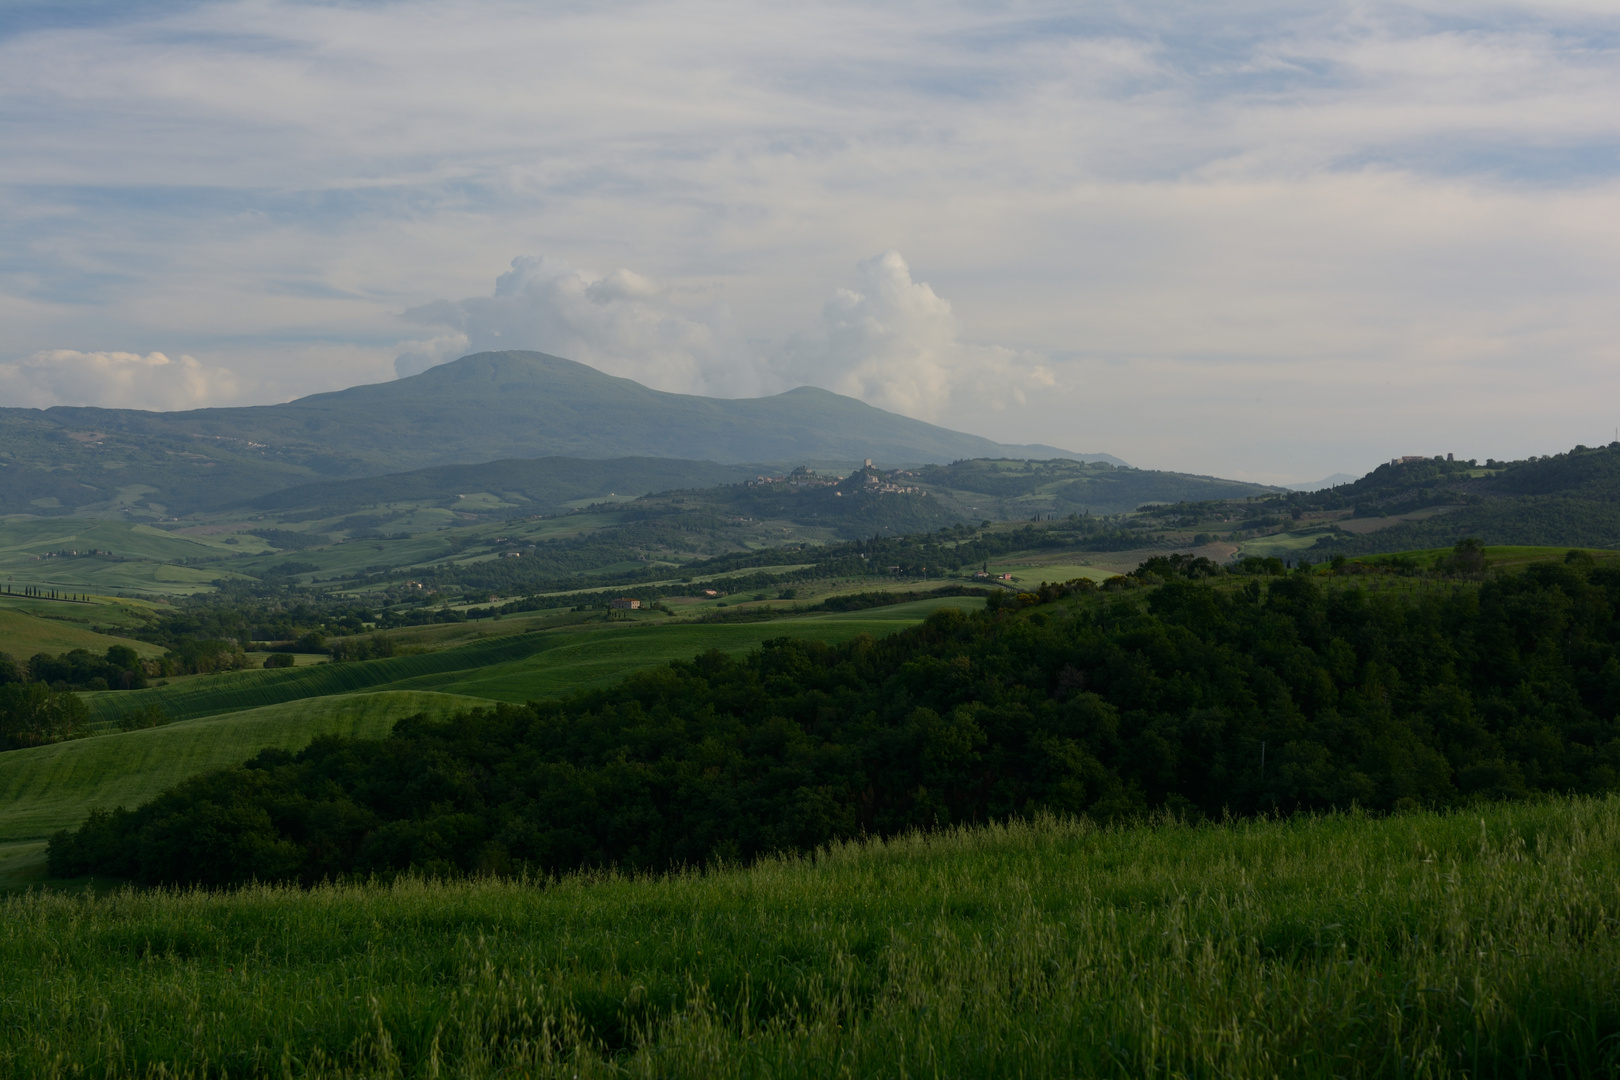 Blick von der Strada Provinciale di Chianciano auf den Monte Amiata